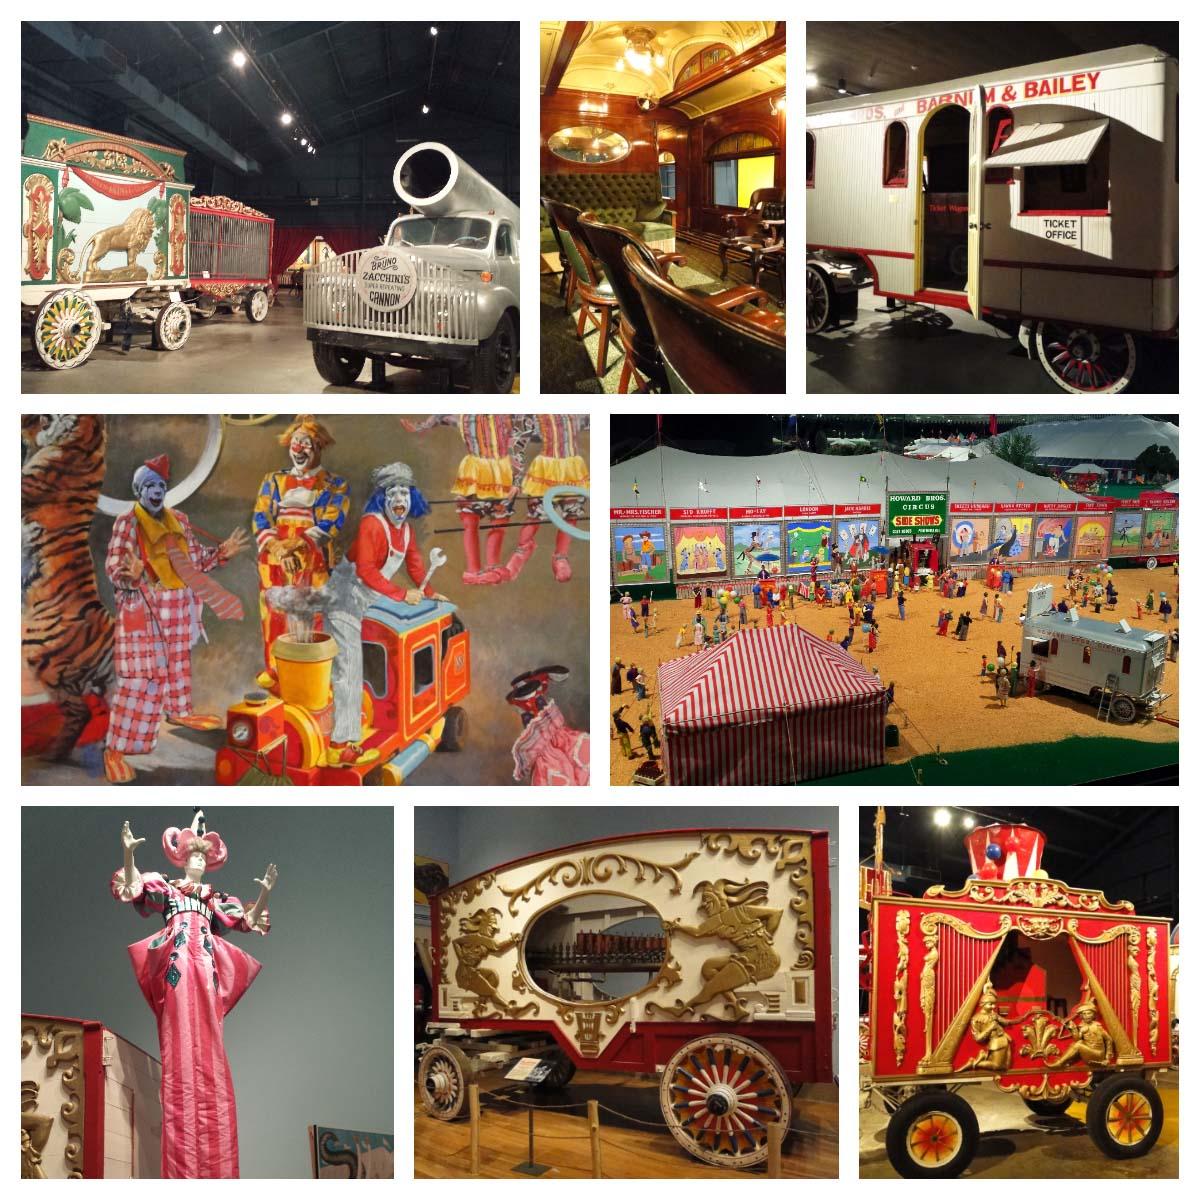 Museu do Circo John Ringling, Sarasota, EUA.